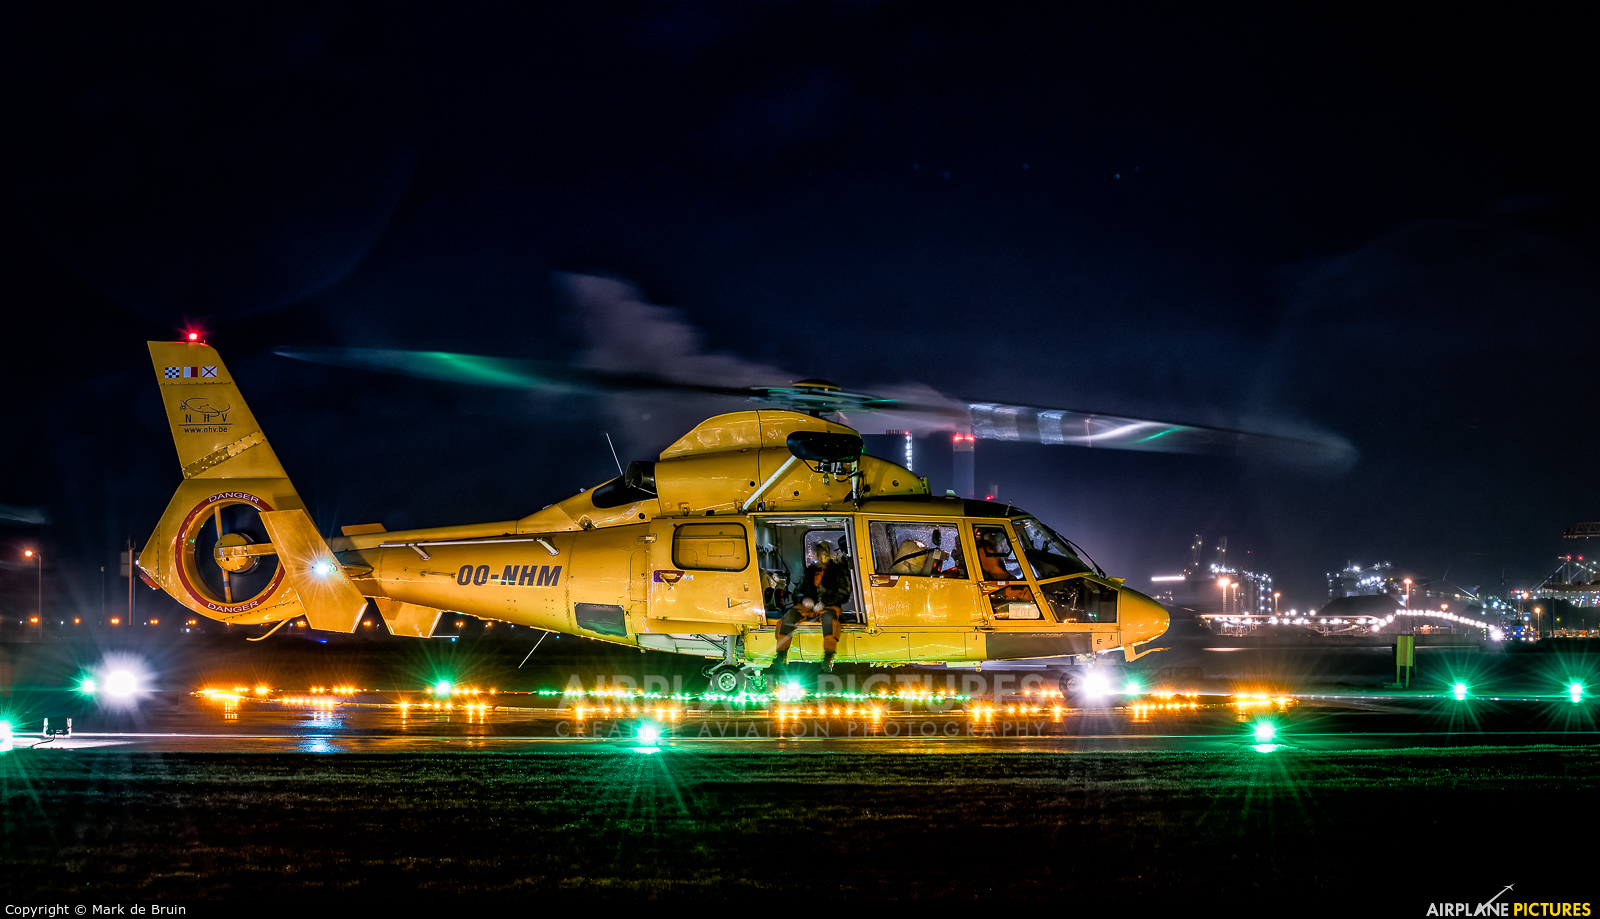 NHV - Noordzee Helikopters Vlaanderen OO-NHM aircraft at Rotterdam